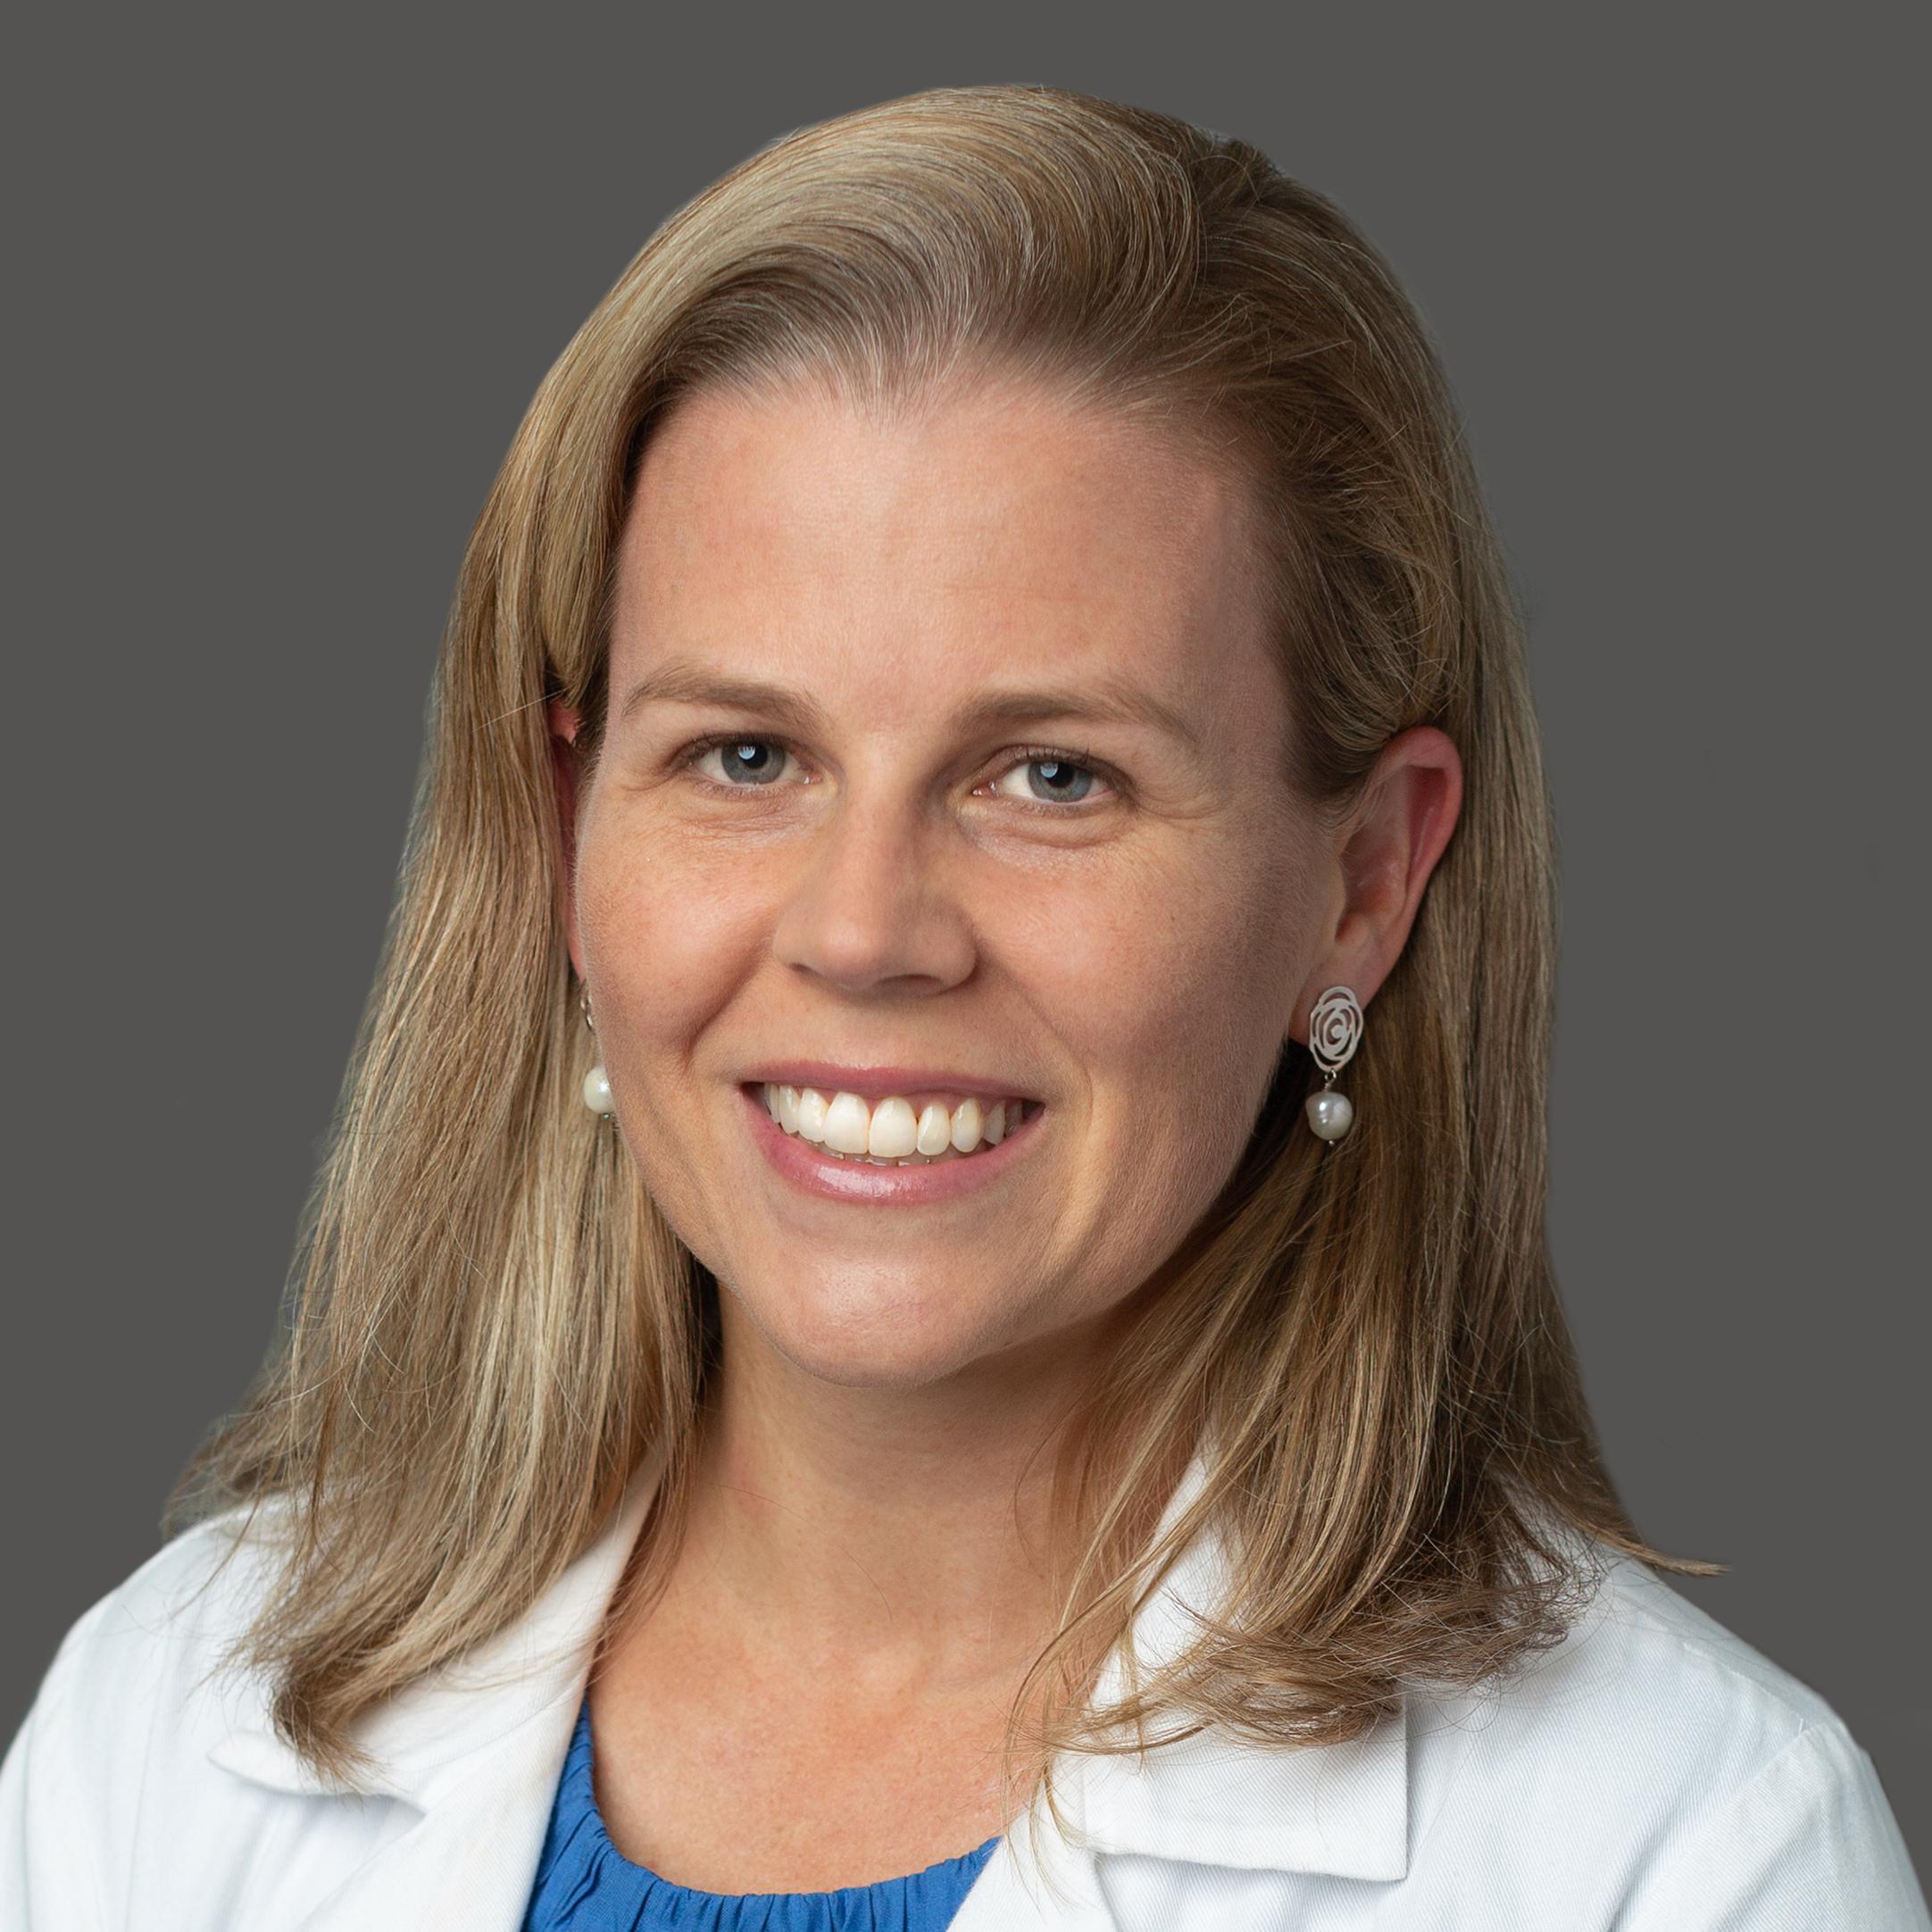 Janet McLaren Bouknight, MD MSCE